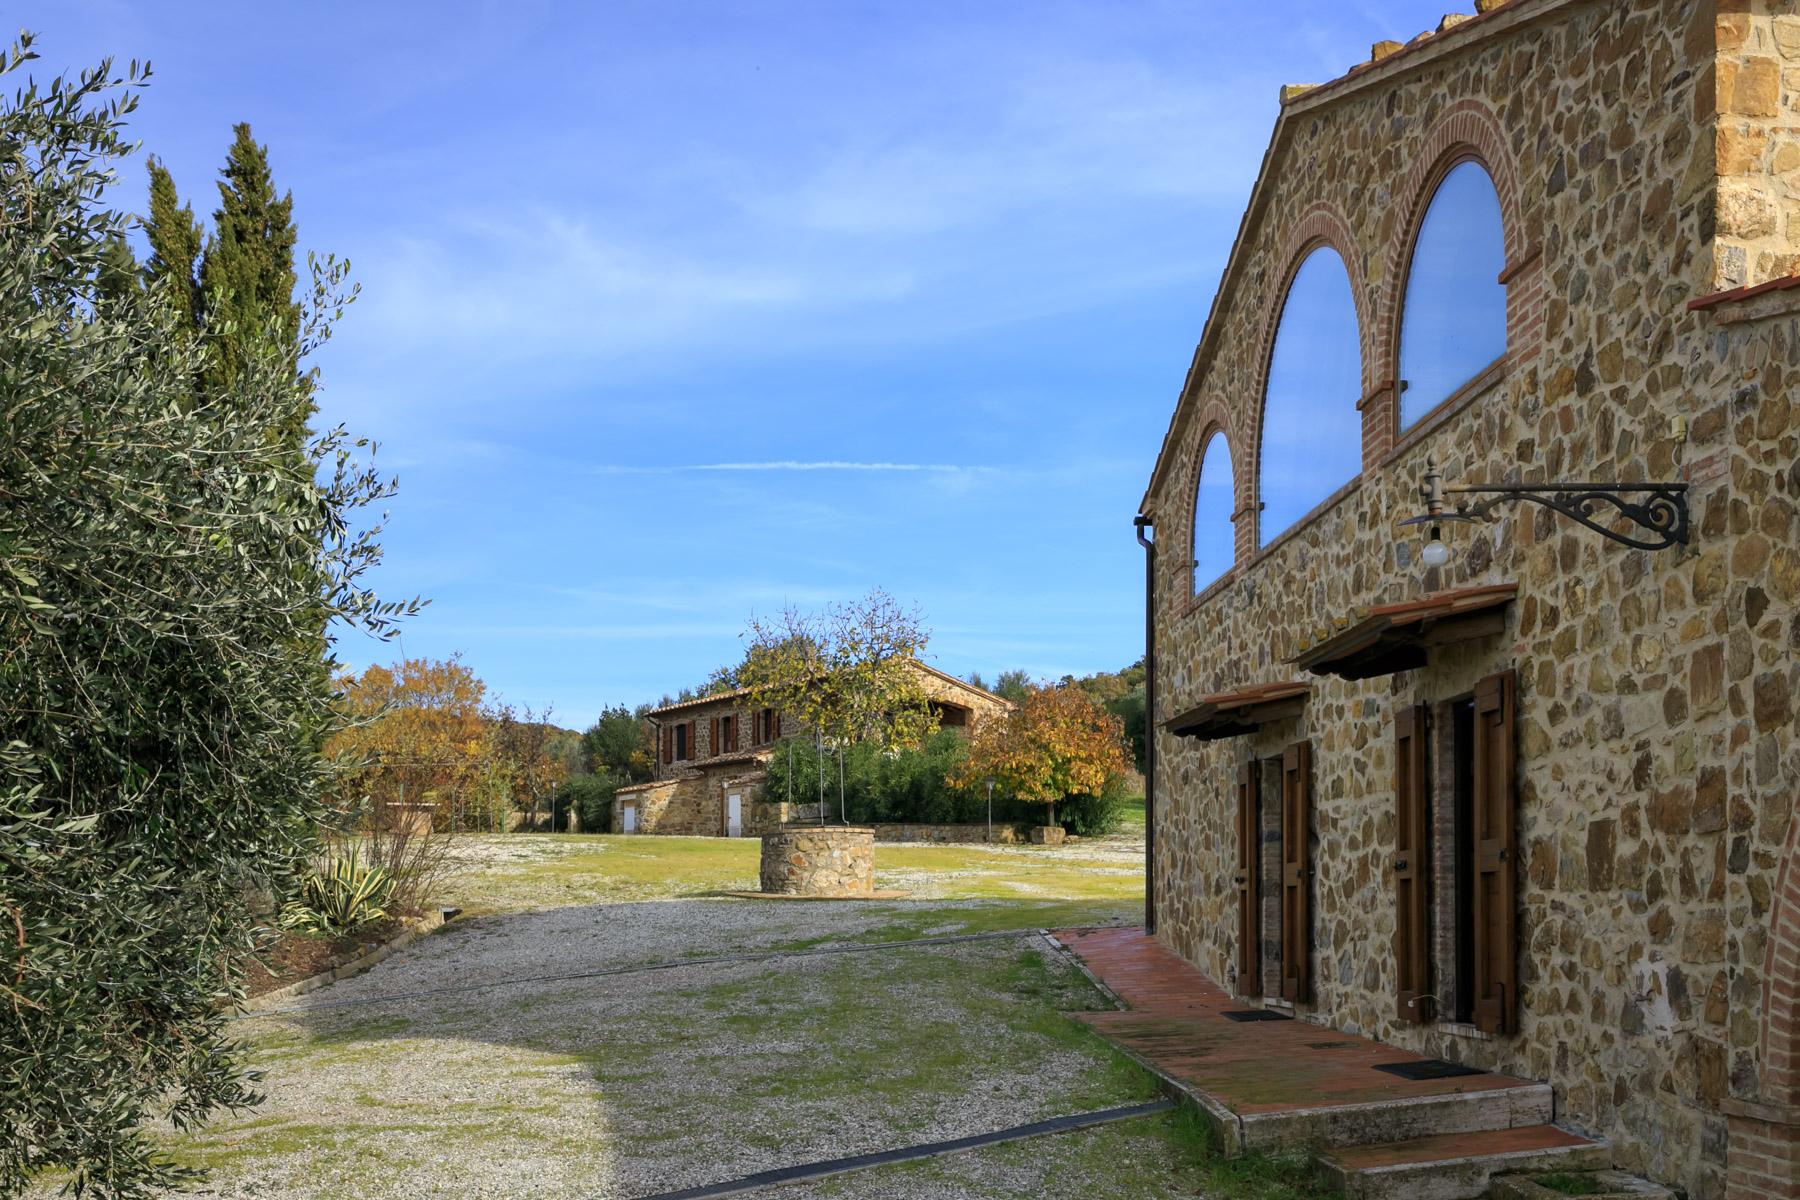 Rustico in Vendita a Manciano: 5 locali, 500 mq - Foto 3